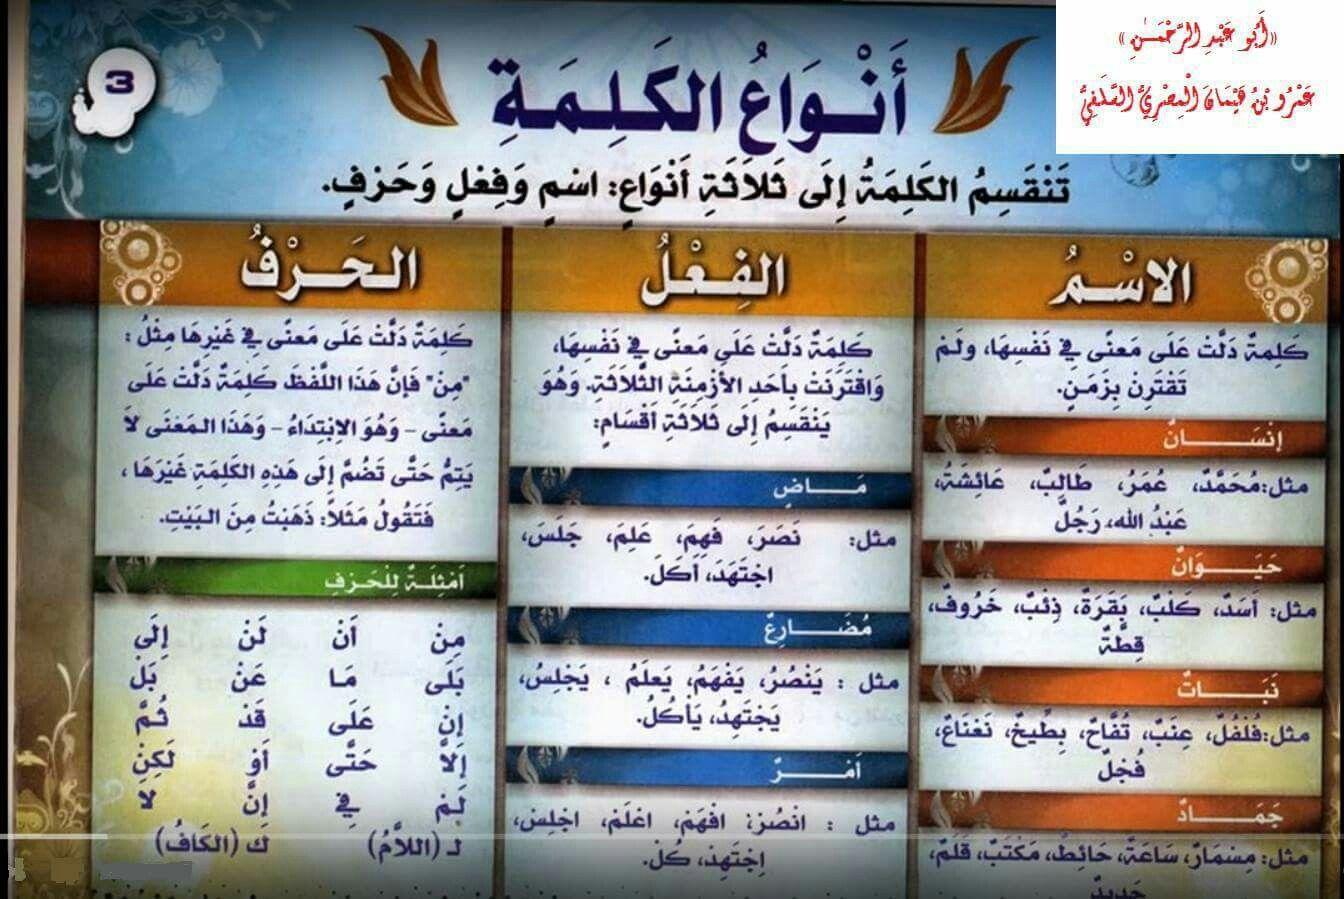 قواعد اللغة العربية للمبتدئين انواع الكلمة Arabic Langauge Arabic Language Language